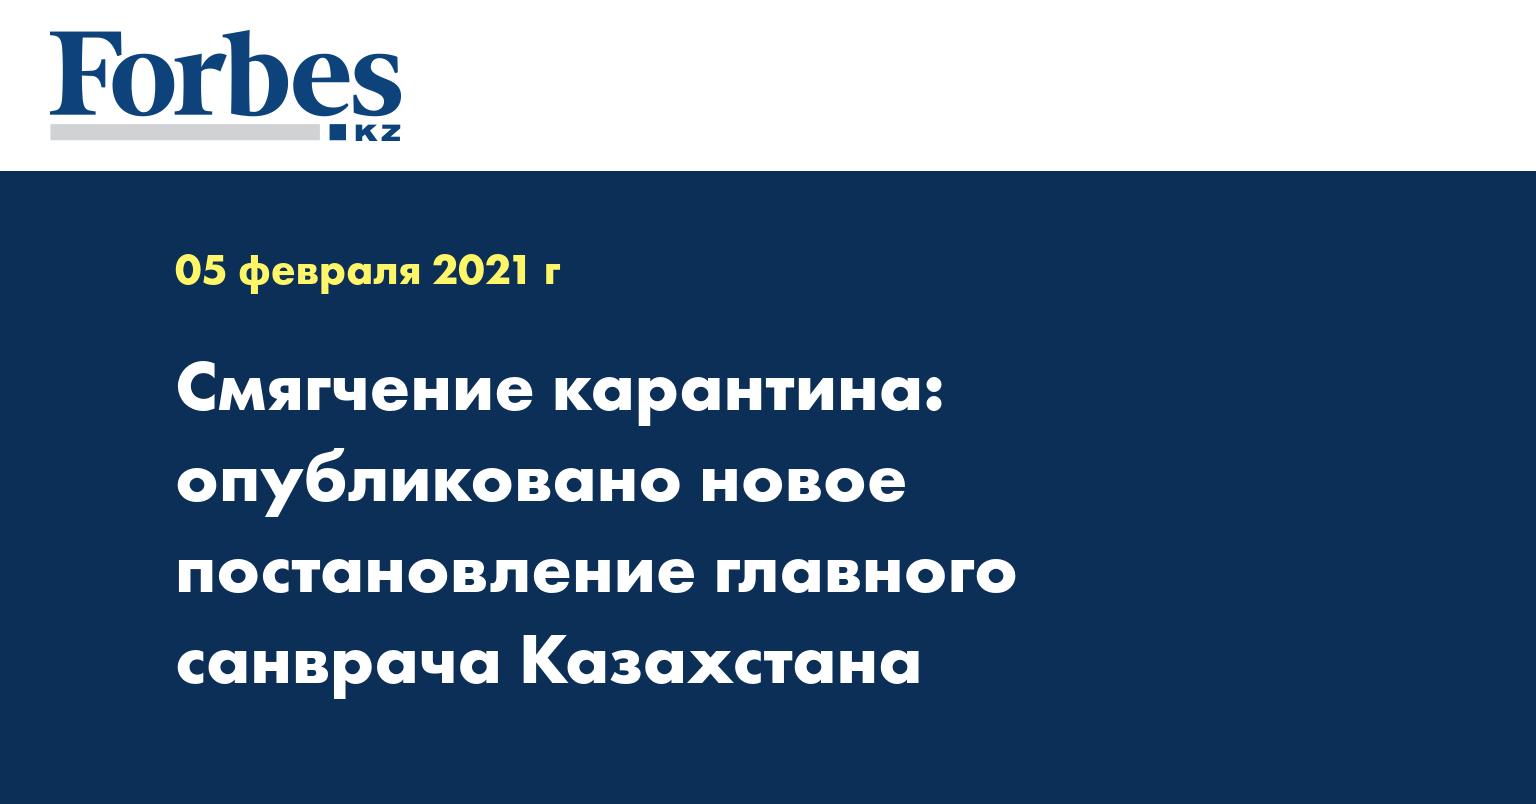 Смягчение карантина: опубликовано новое постановление главного санврача Казахстана